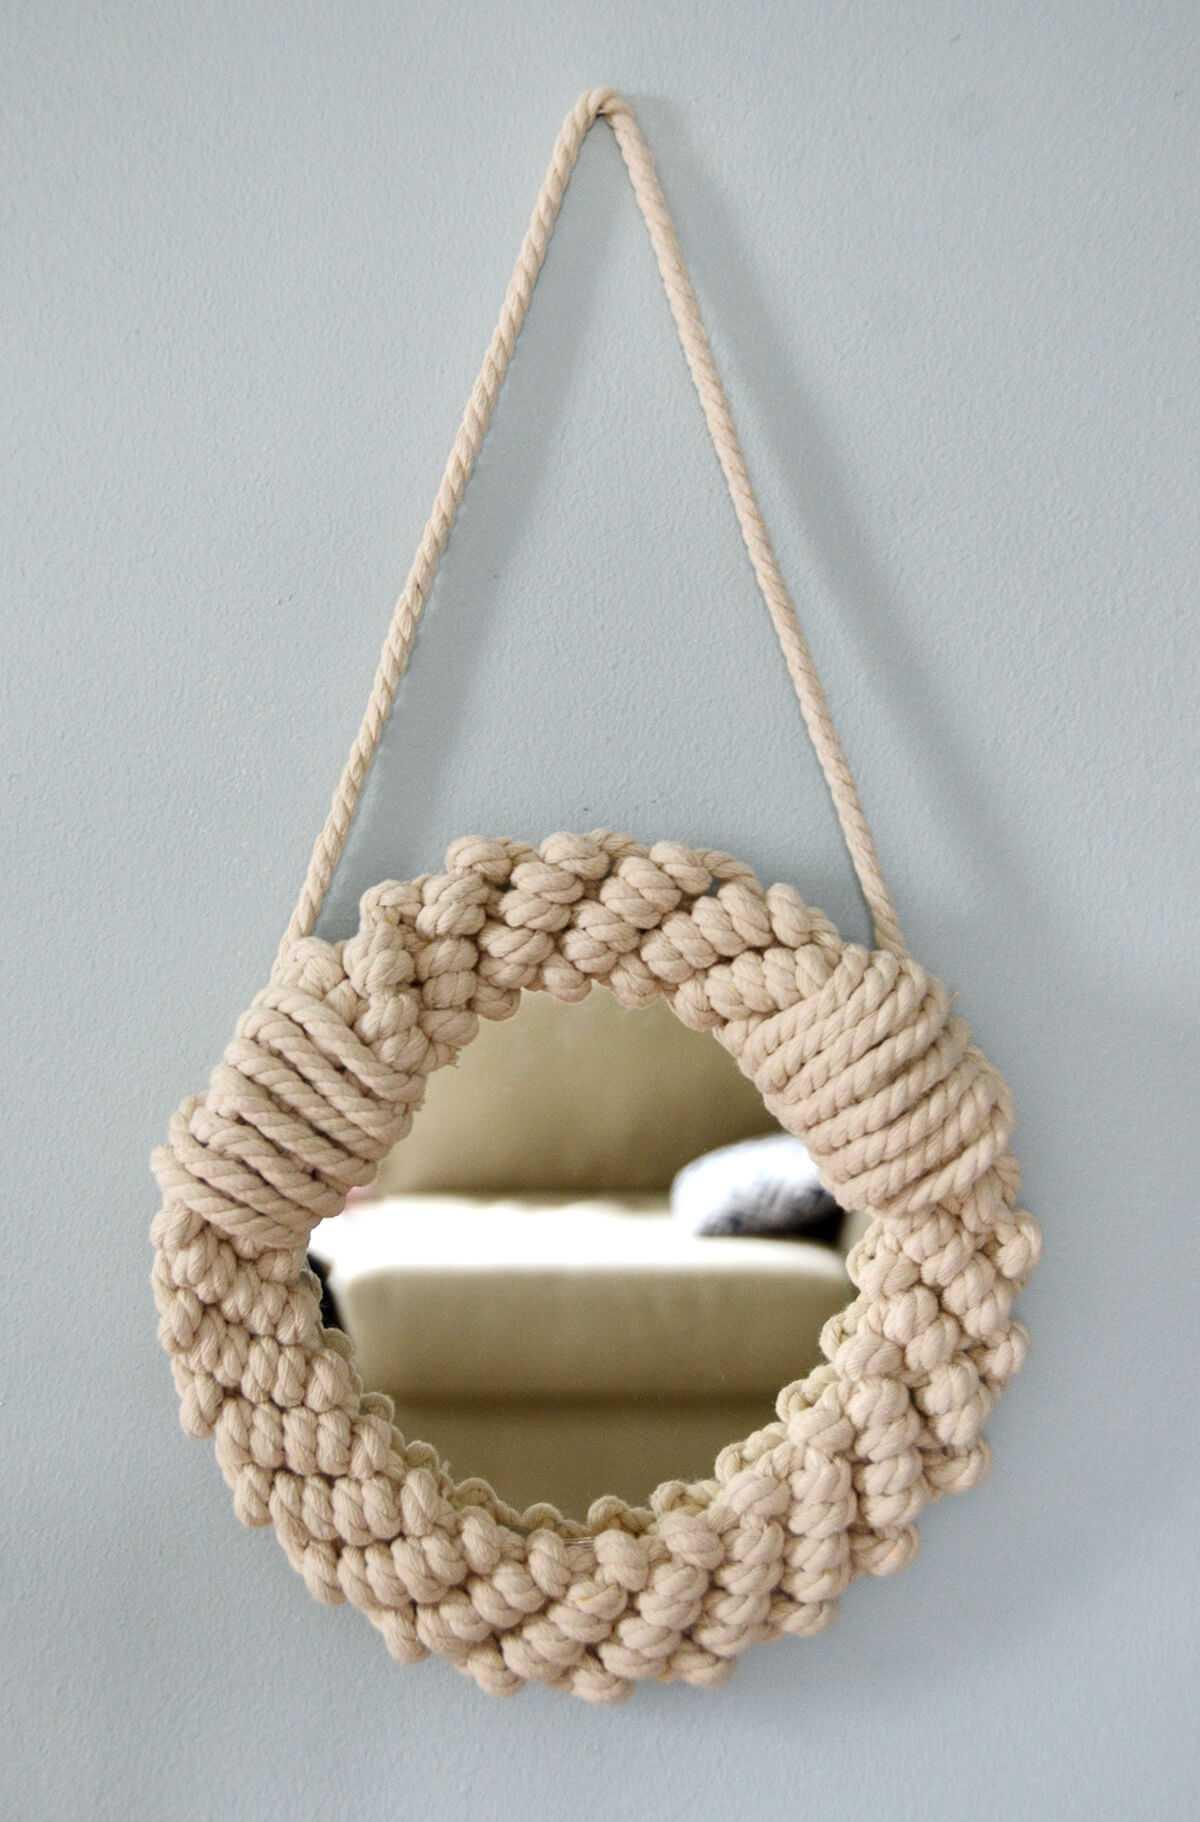 Творческие проекты из веревки сделанные своими руками 11 | Дока-Мастер